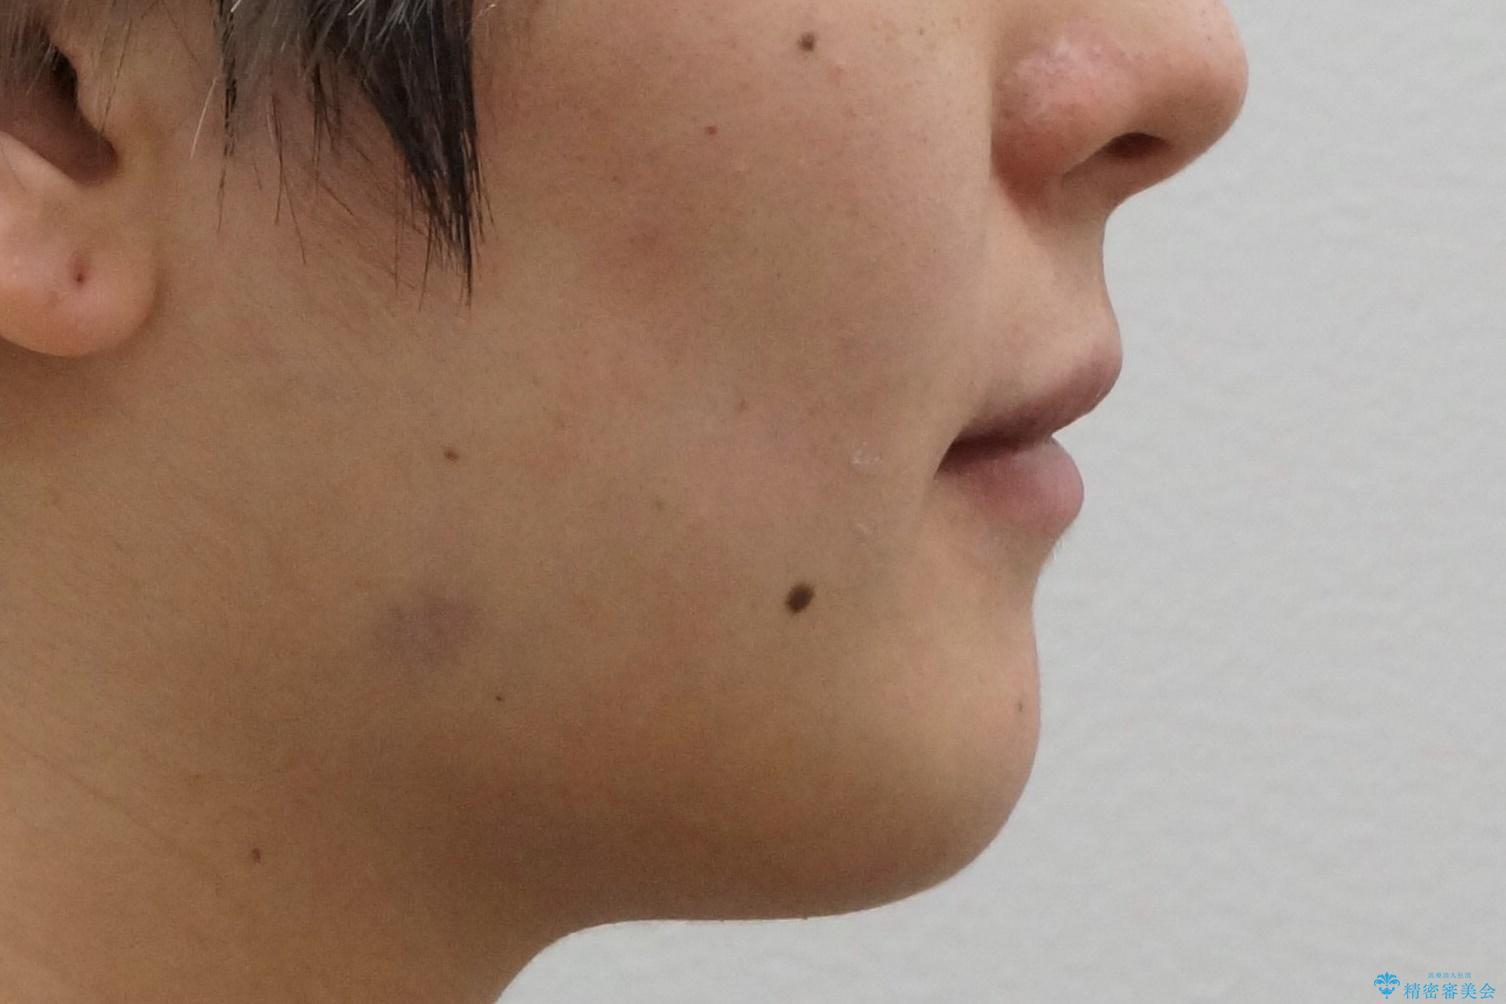 八重歯の治療 仕上がり重視での治療後(顔貌)